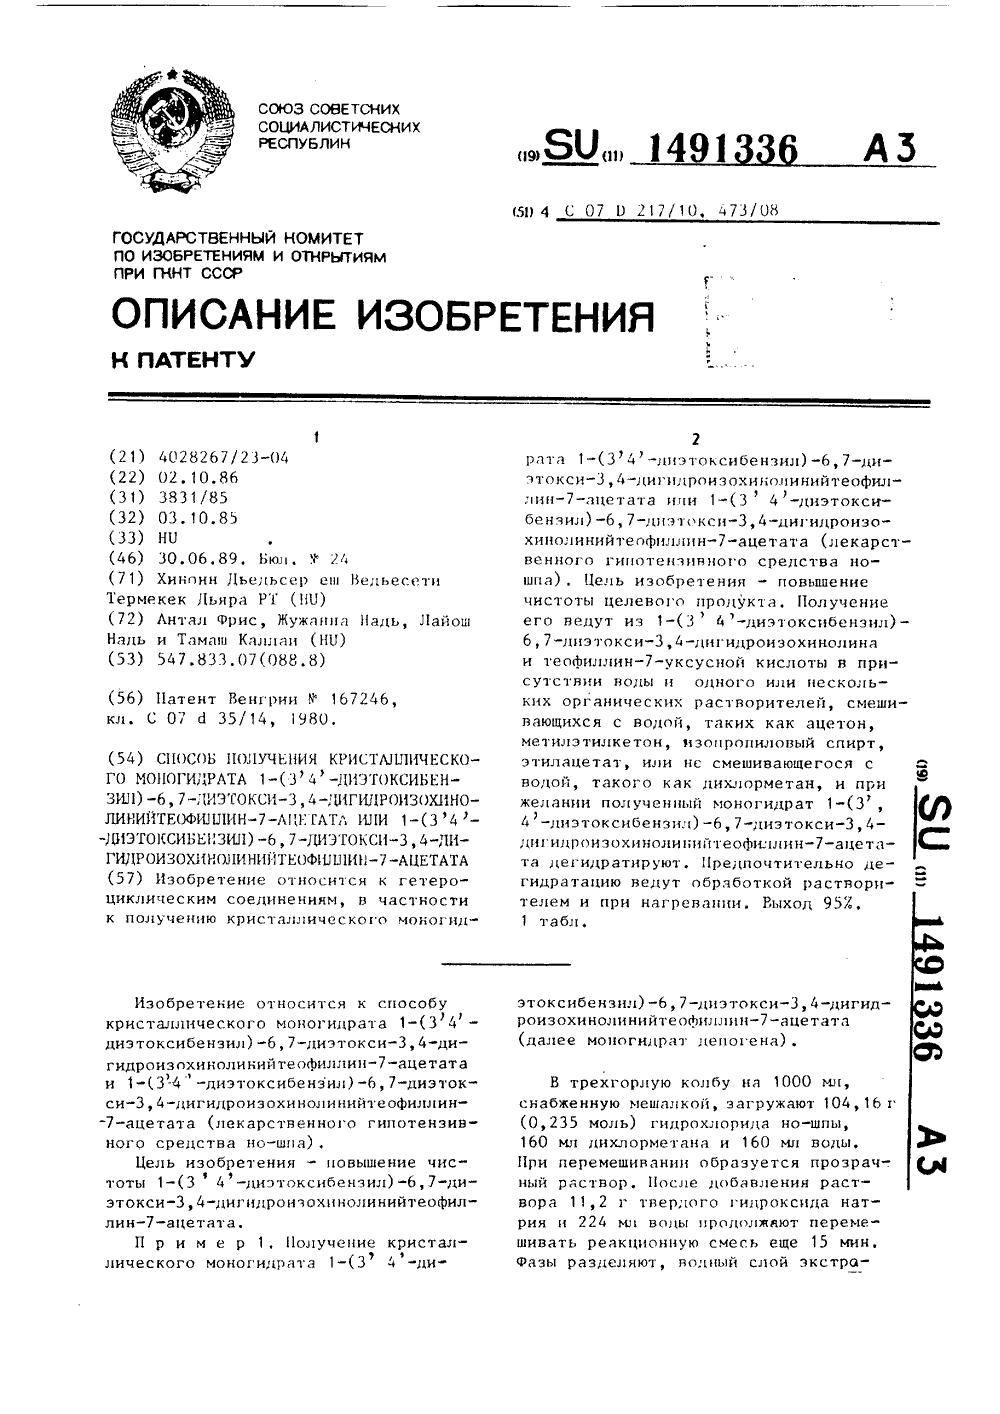 Изометропия